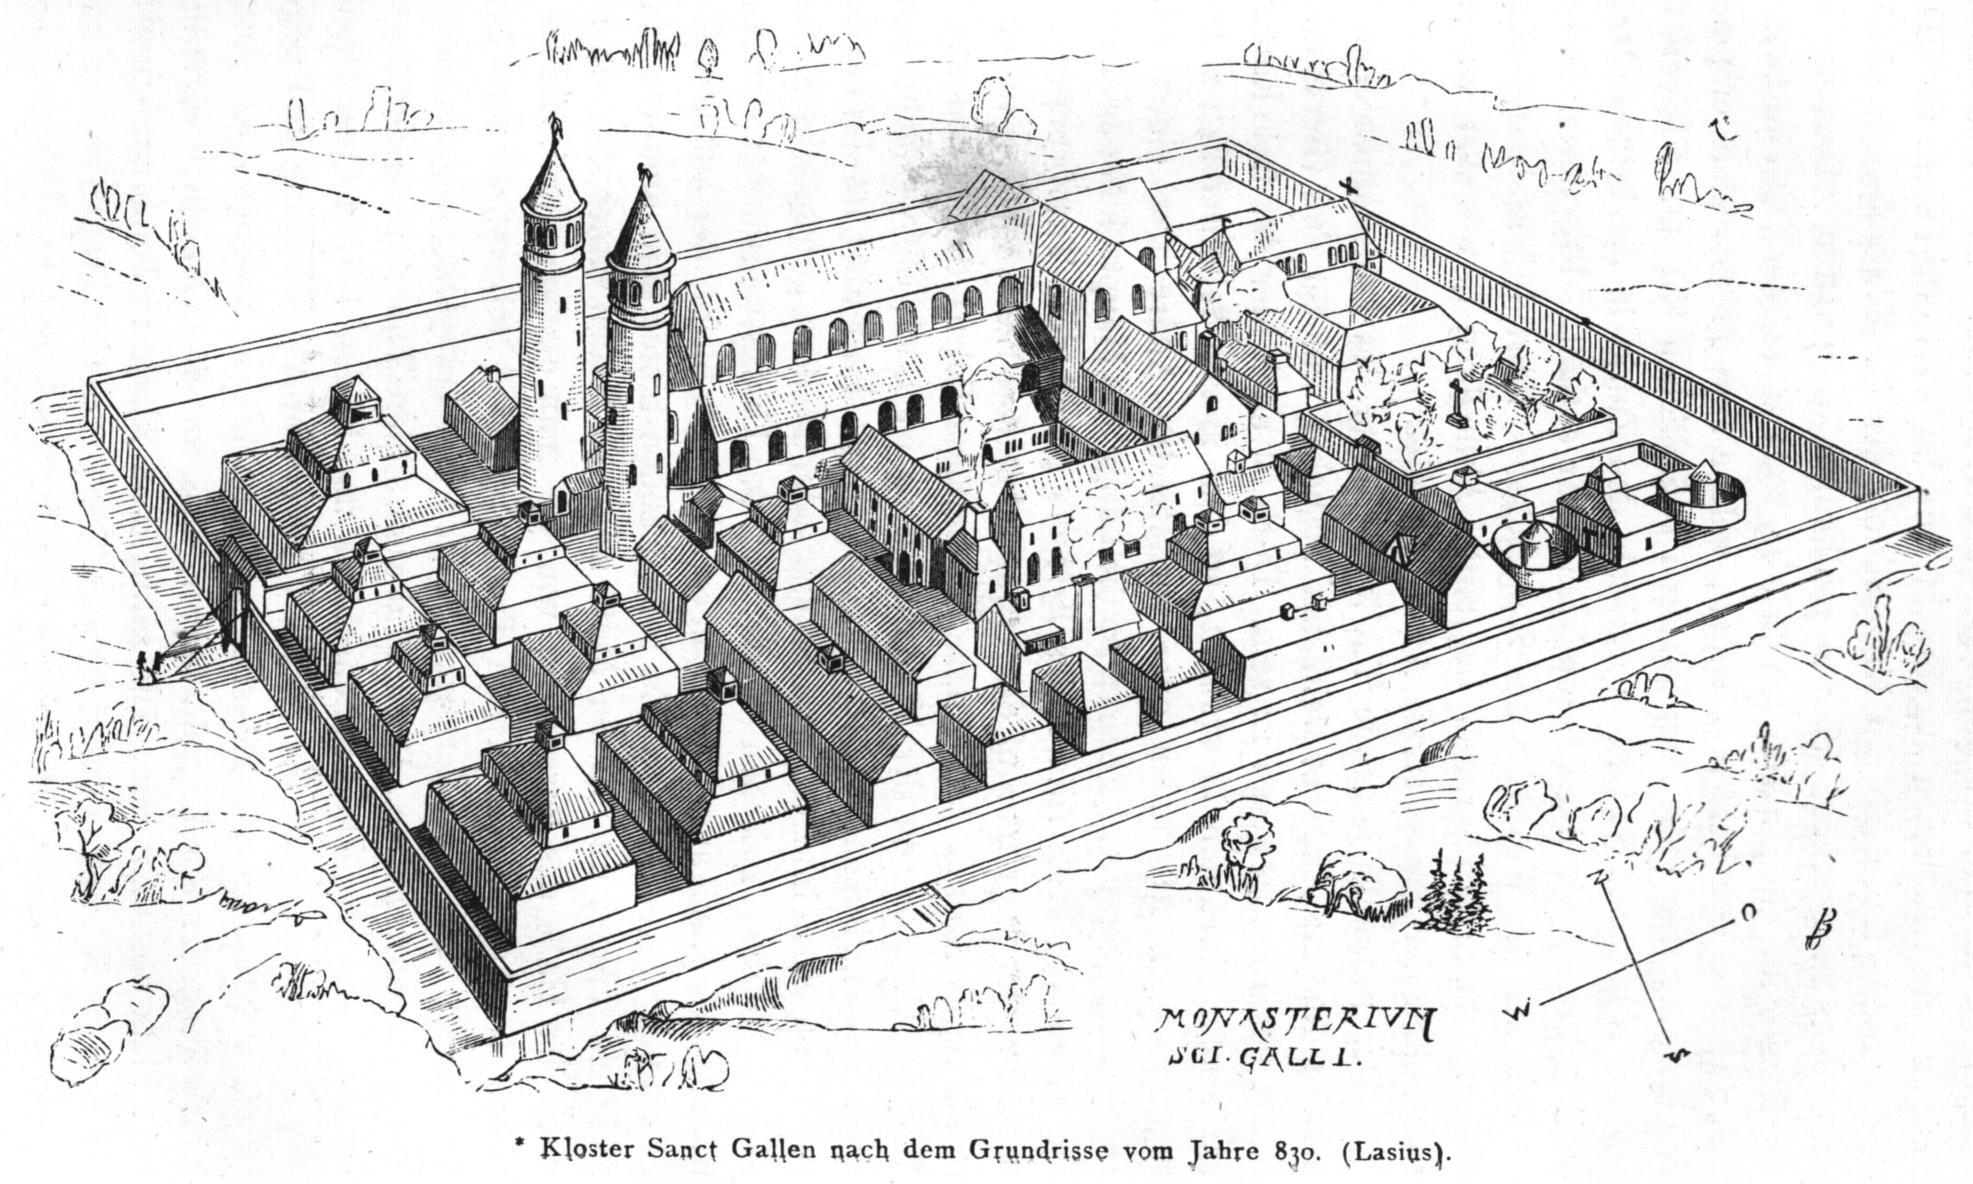 Zeichnerische Umsetzung vom Klosterbau von Sankt Gallen.